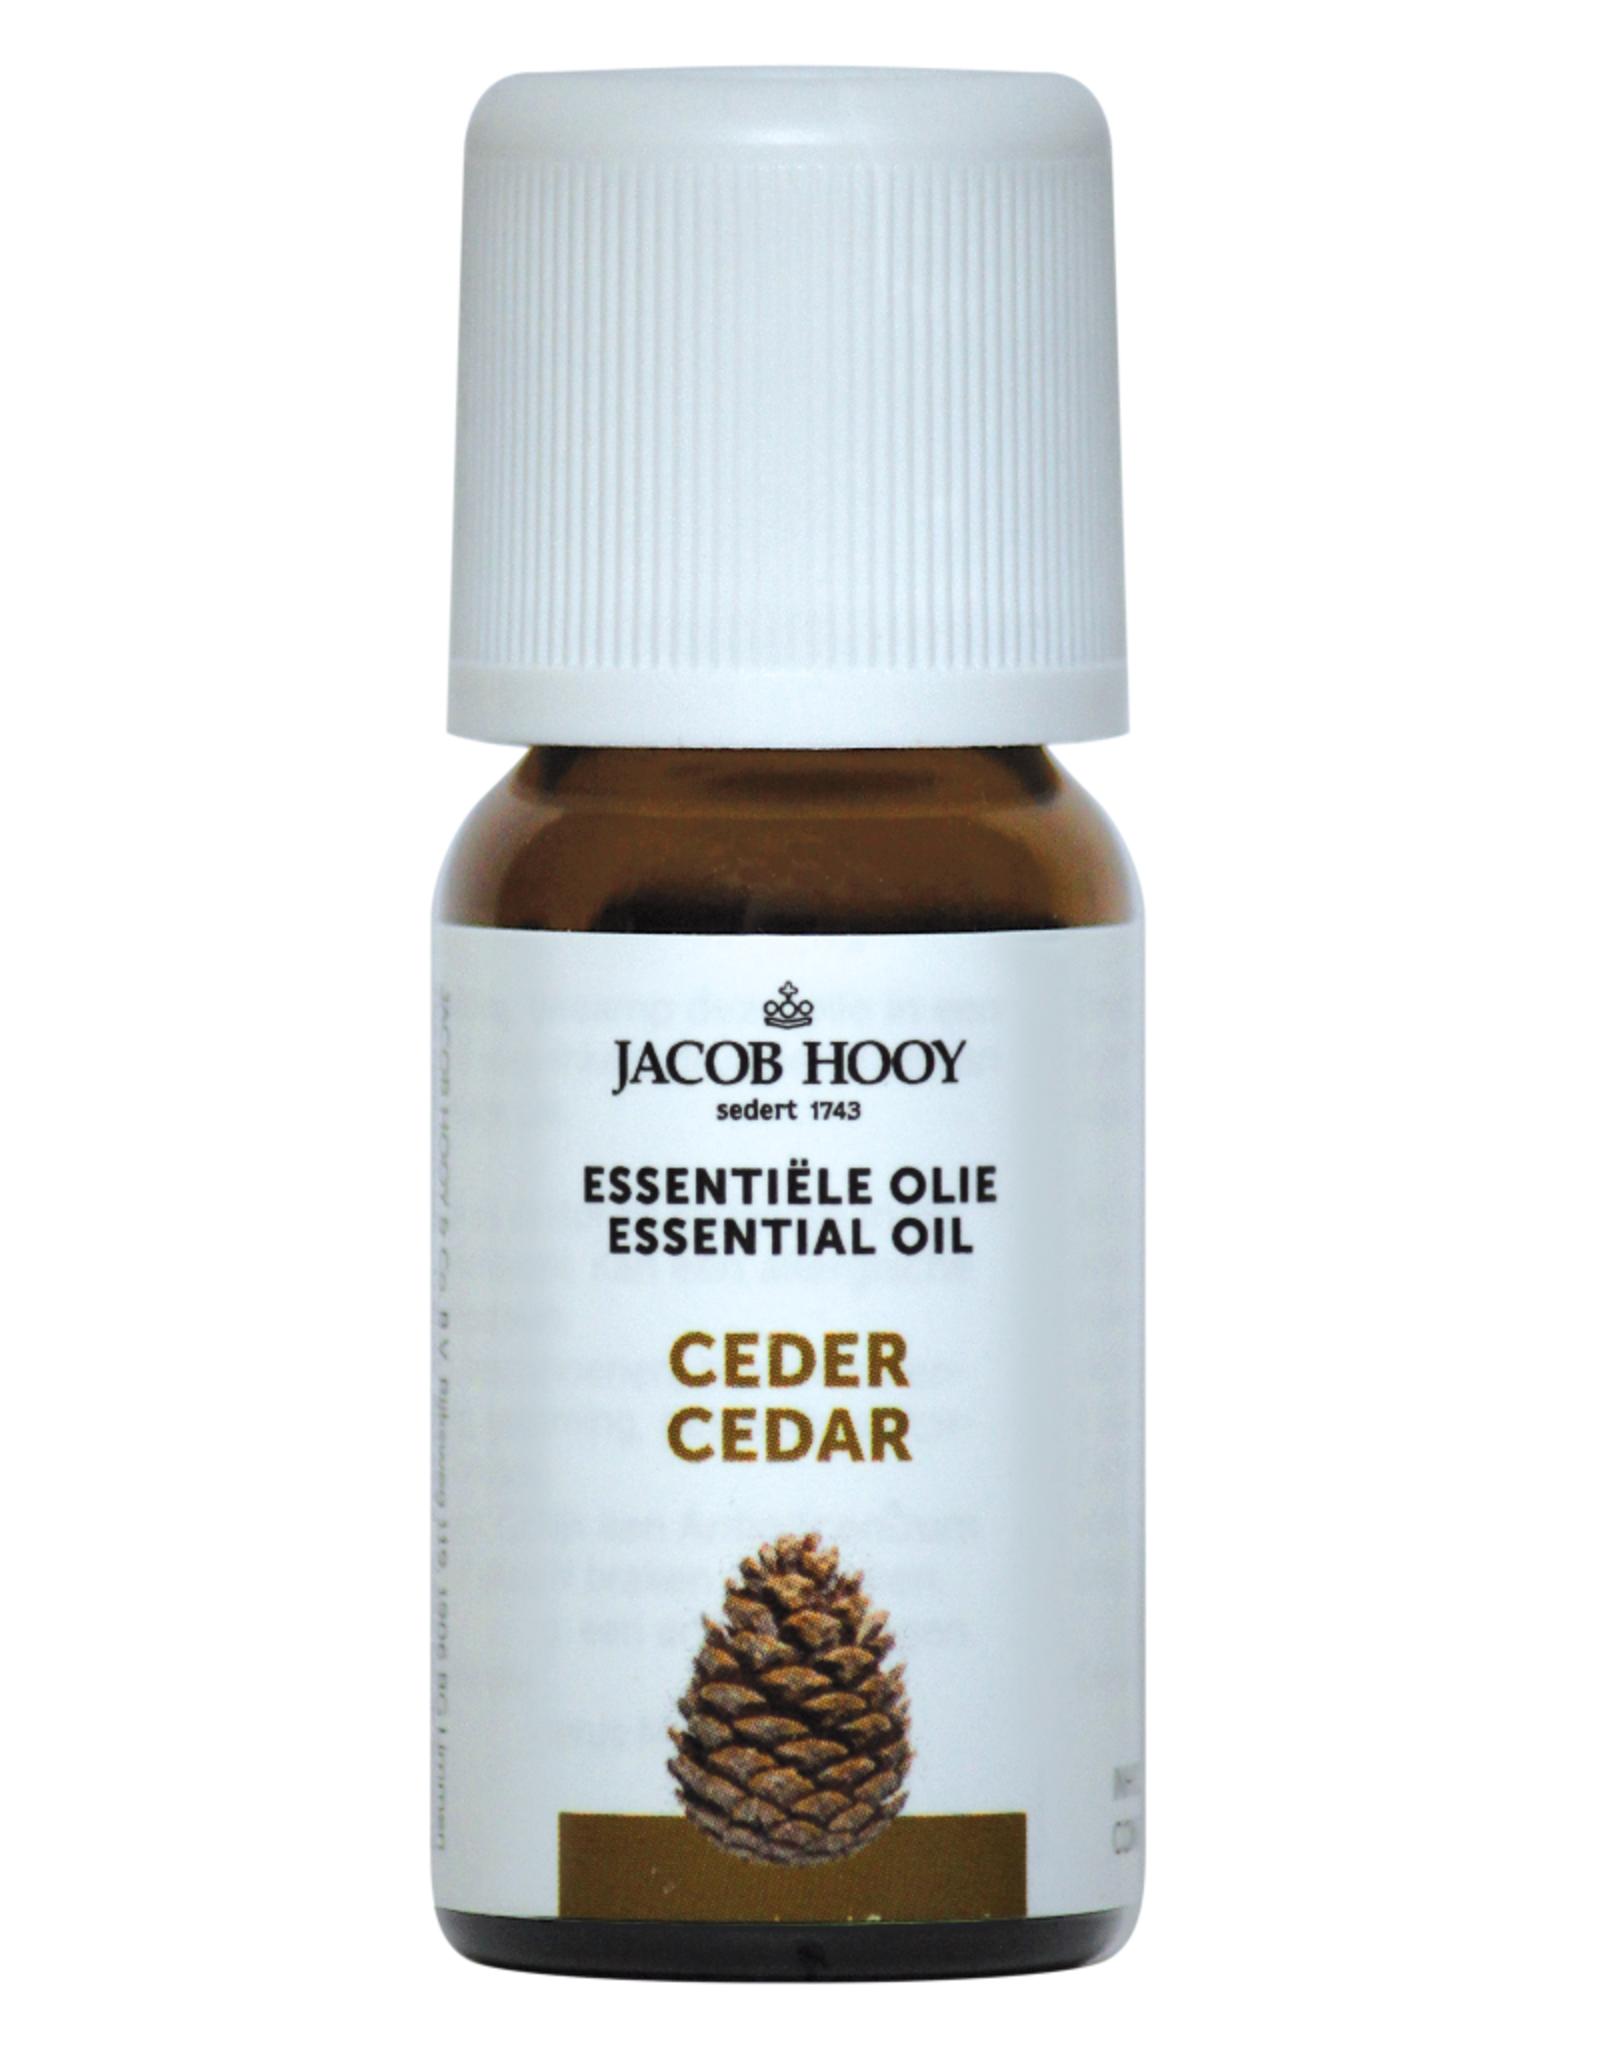 Ceder essentiële olie Jacob Hooy 10ml